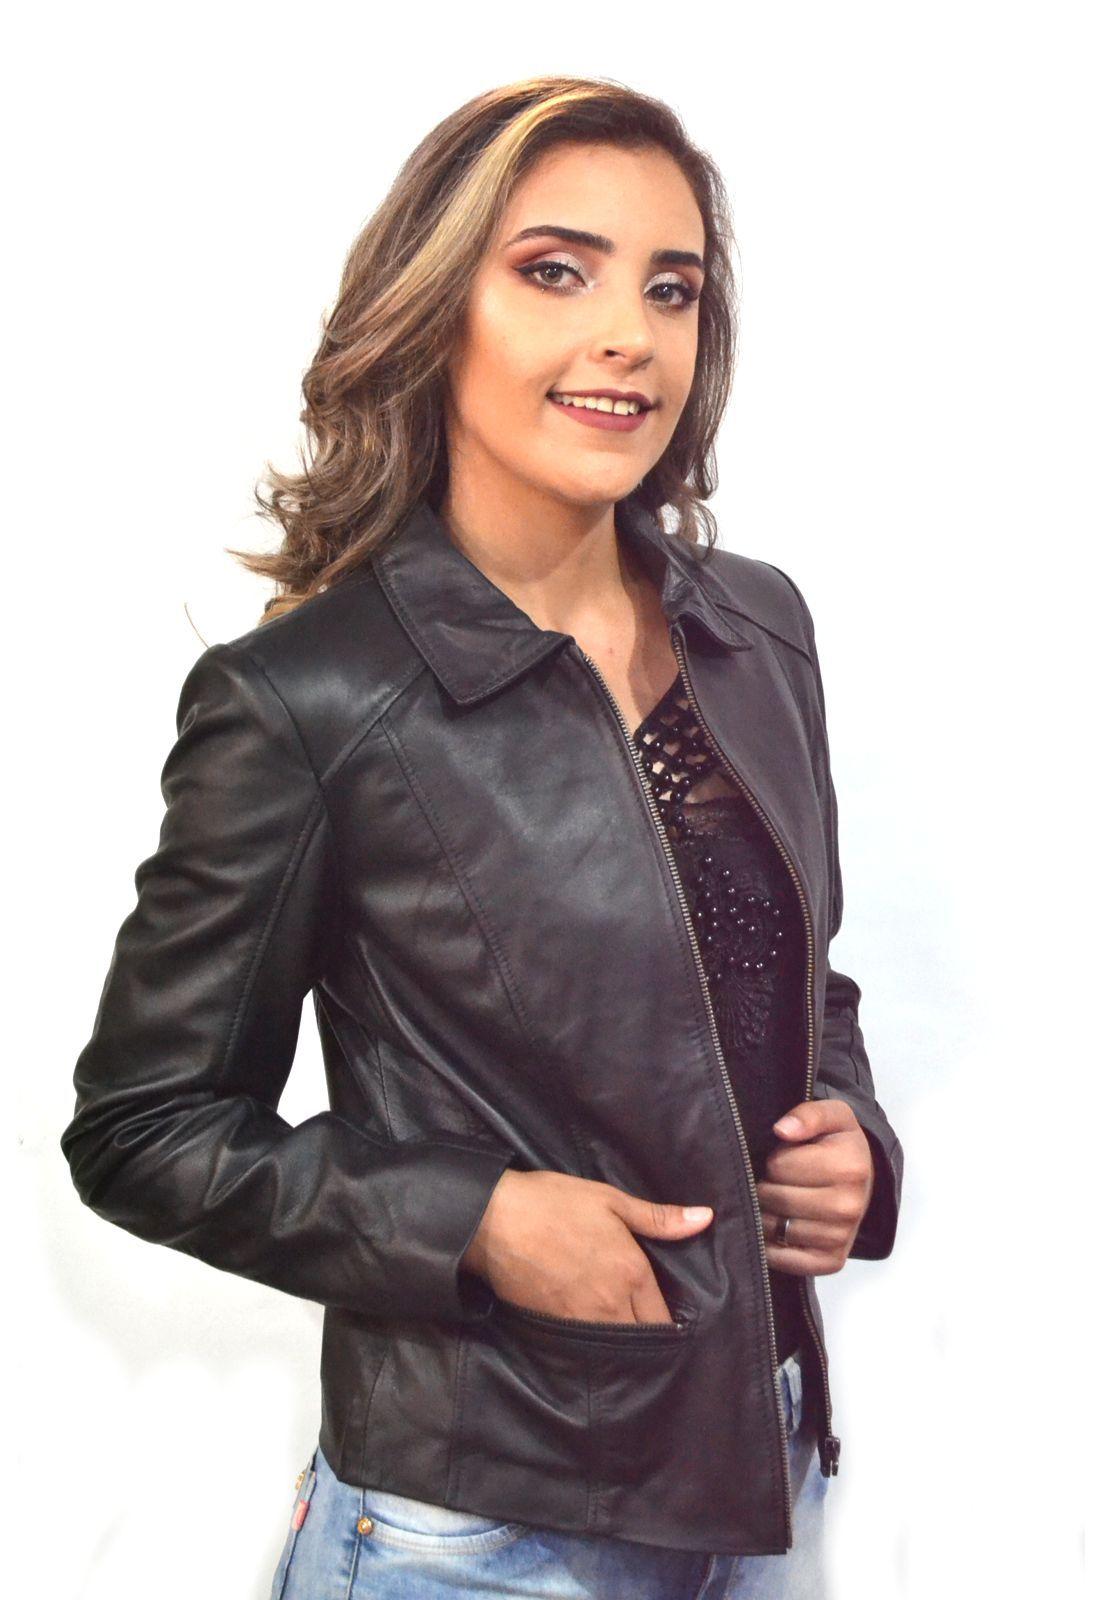 Jaqueta Feminina Prata Couro 224 Pelica Preta (Mestiço)